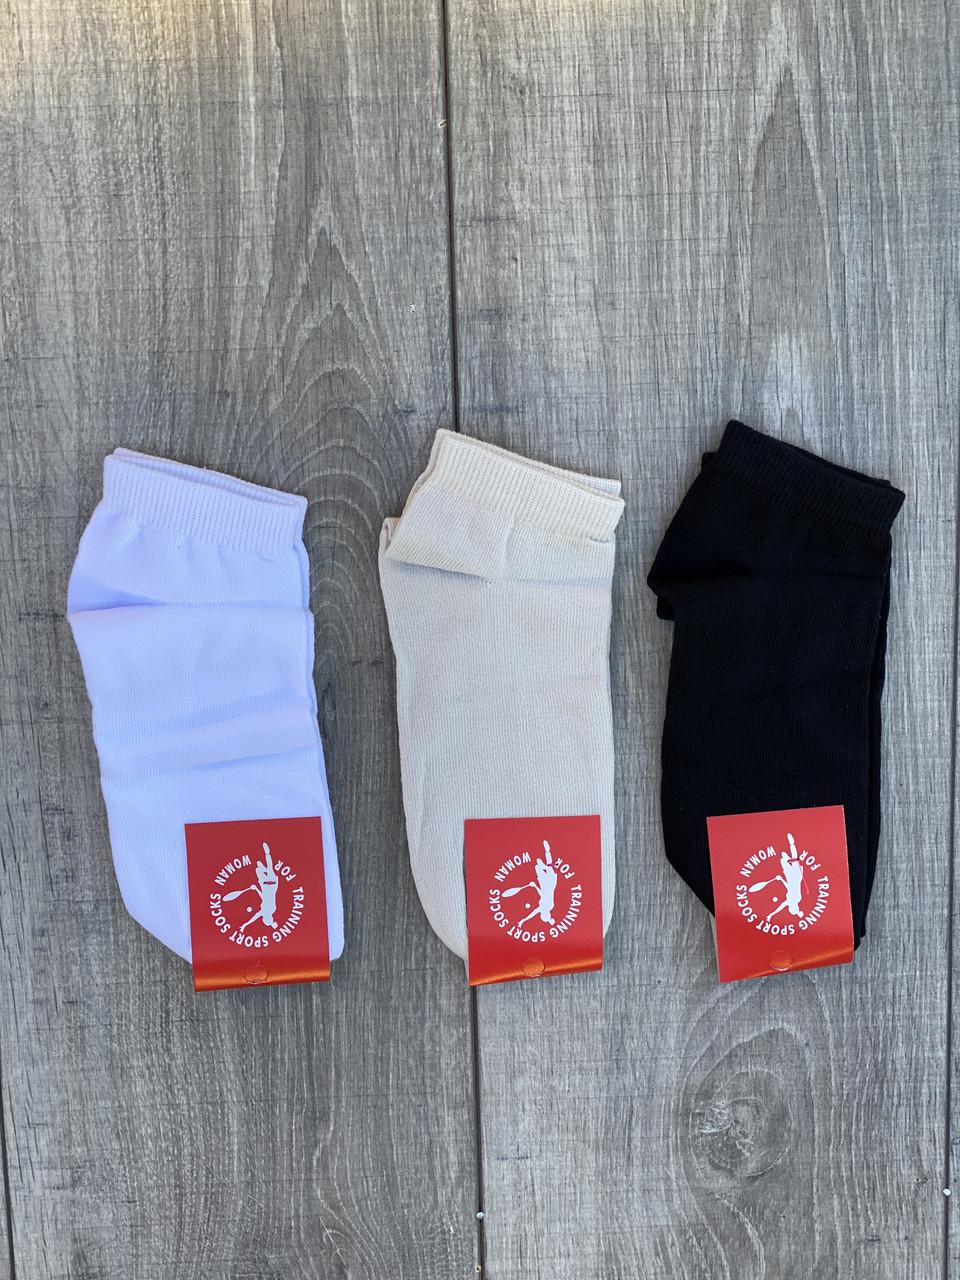 Шкарпетки бавовна Sport Soks жіночі стрейчеві короткі 36-39 12 шт в уп мікс із 3х кольорів